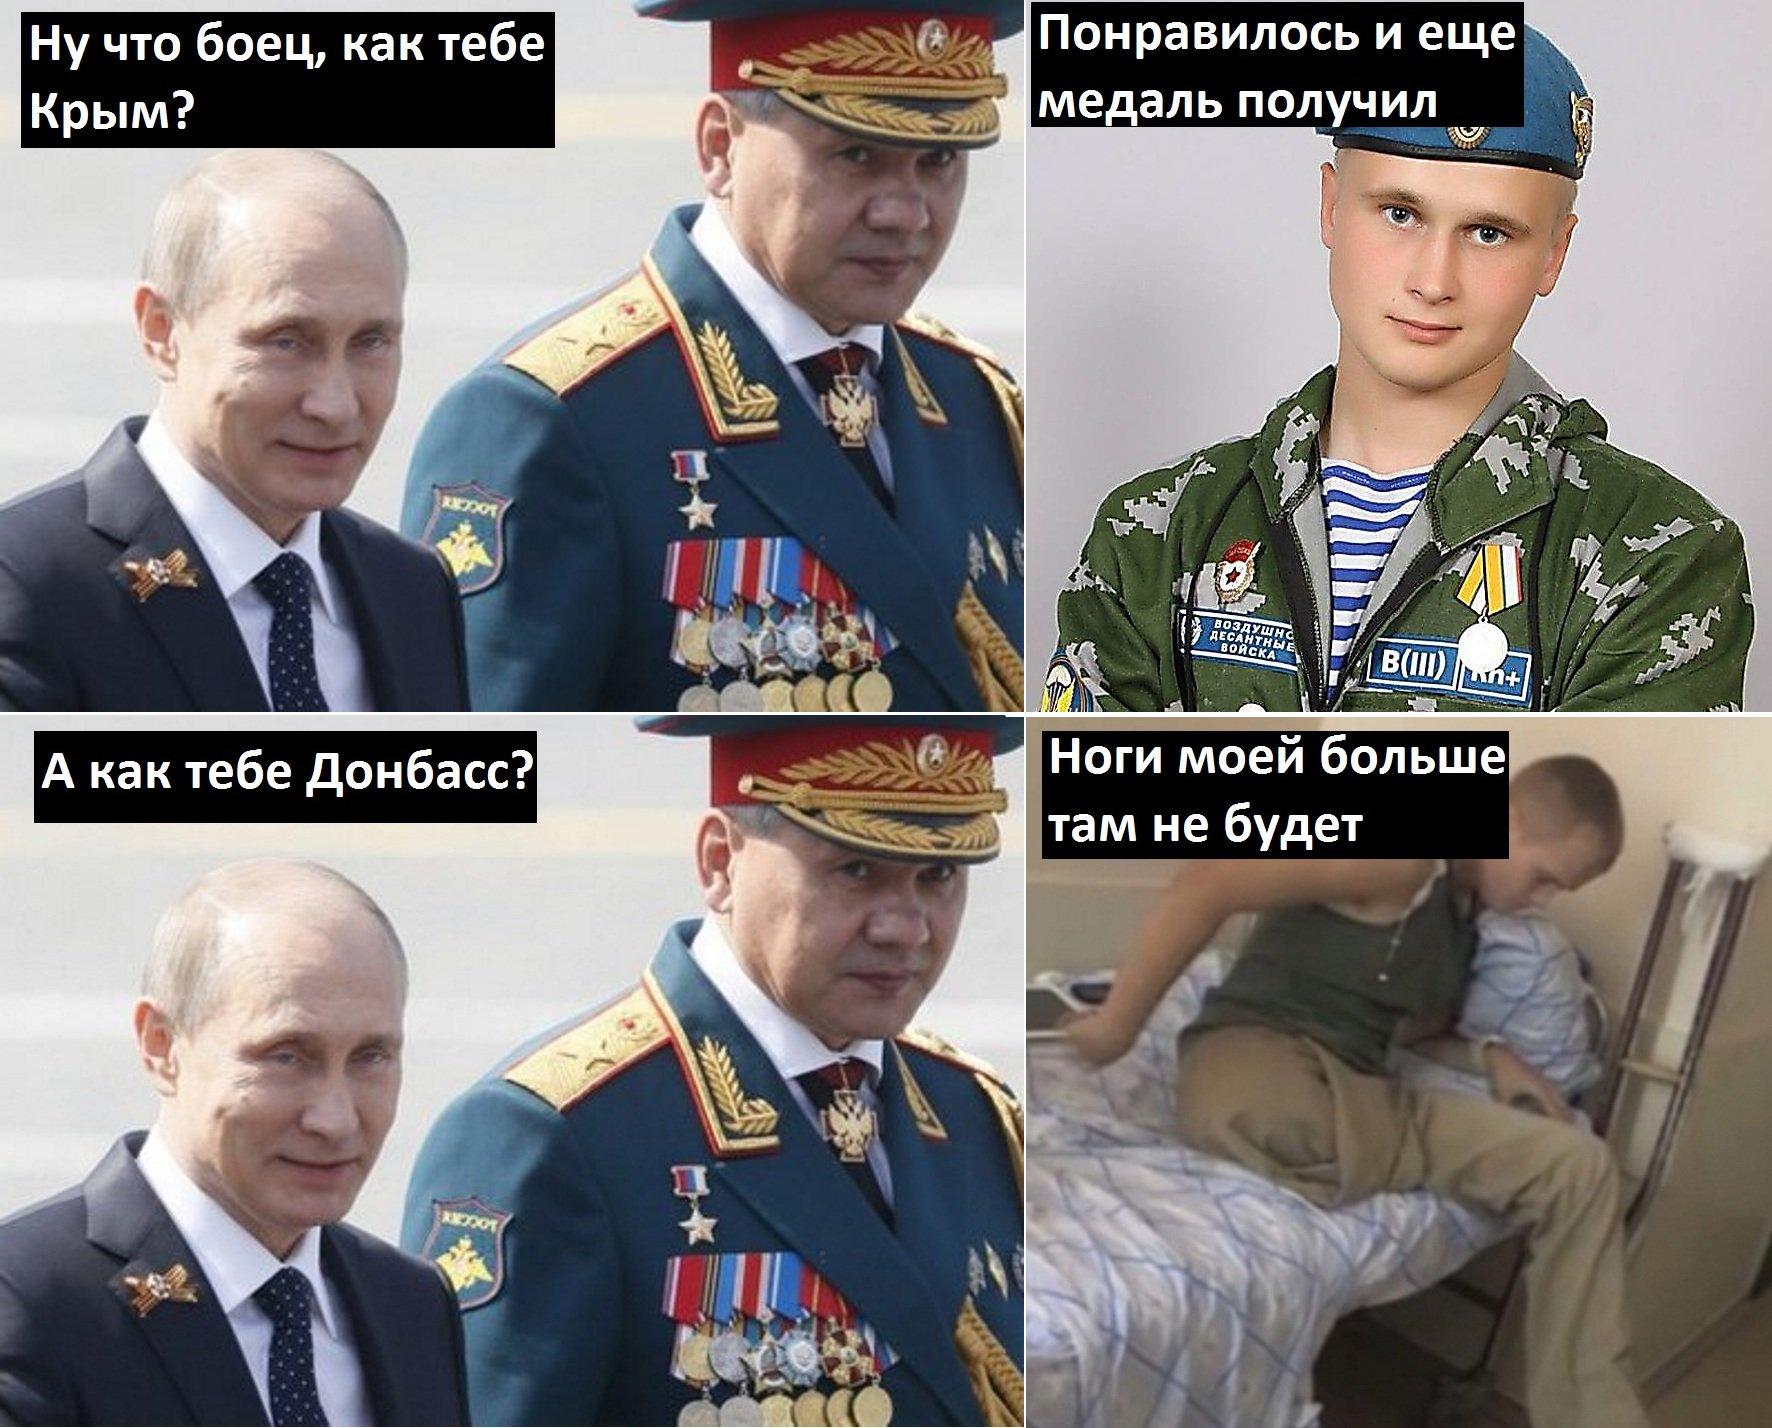 """Армія отримала перші сім БТР-4, виготовлених із нової української бронесталі, - """"Укроборонпром"""" - Цензор.НЕТ 1016"""